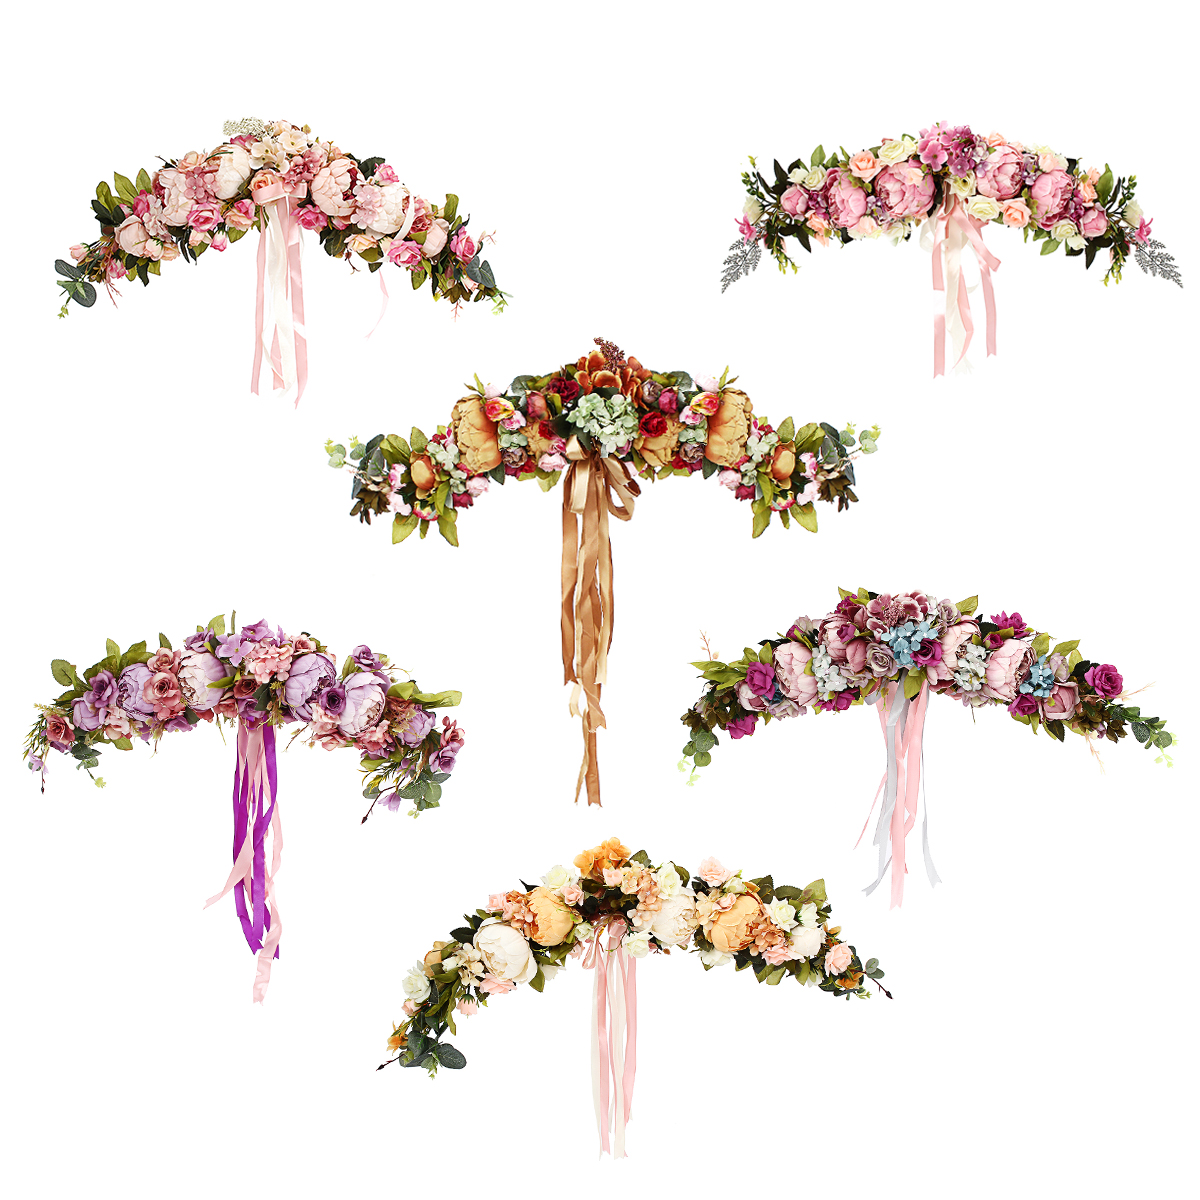 Искусственные Цветы Гирлянда Европейская Линия Стены Цветочная Дверь Венок для Свадебное Домашний Рождественский Декор Поставок